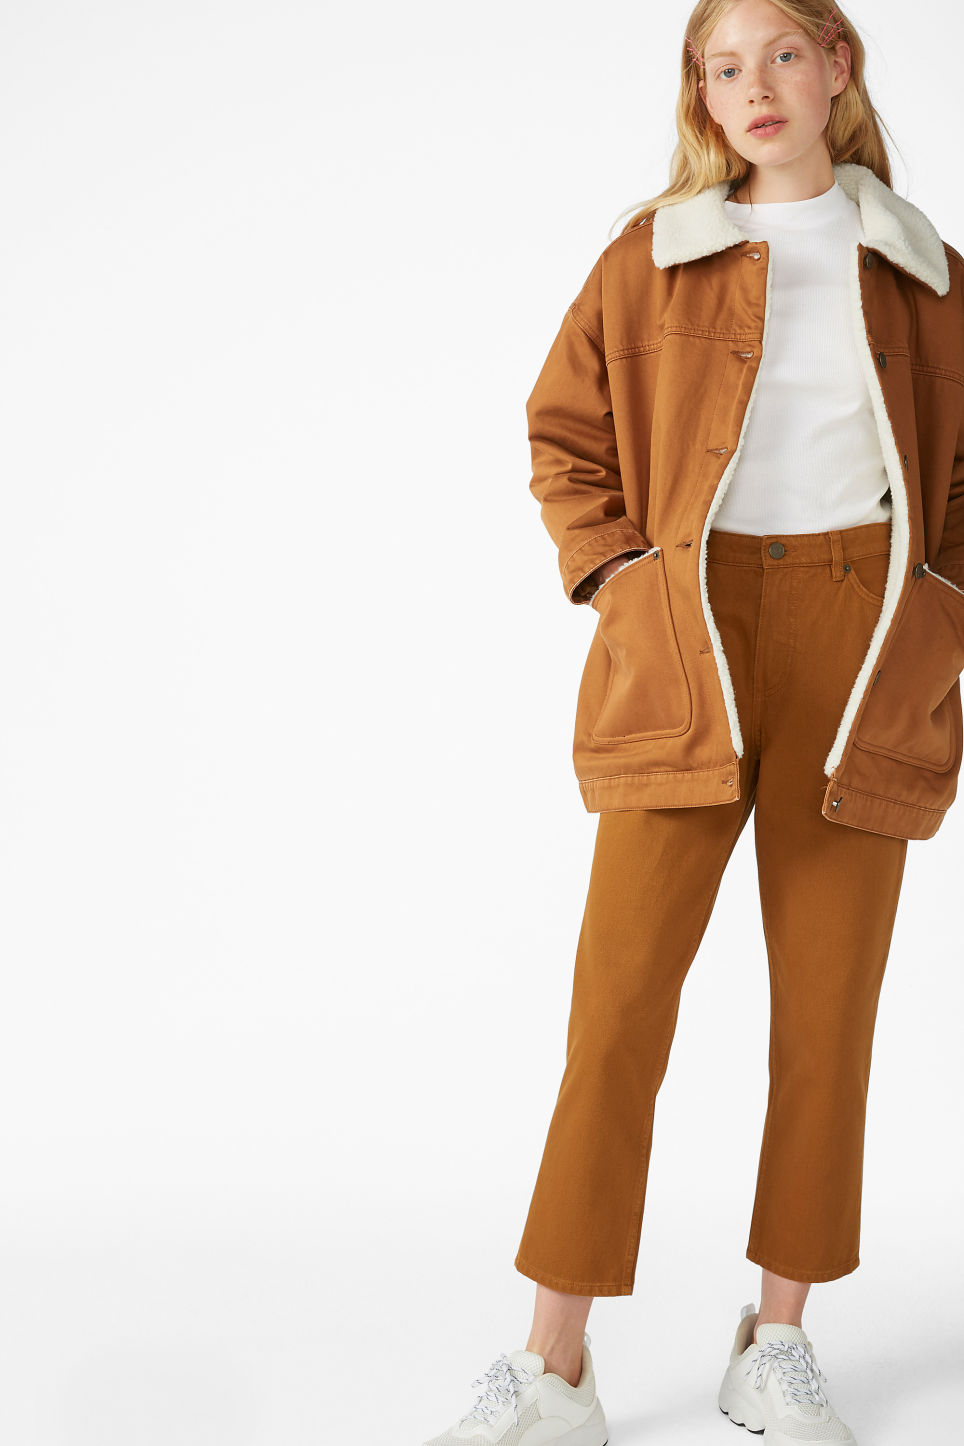 Monki Lined Utility Jacket - £65